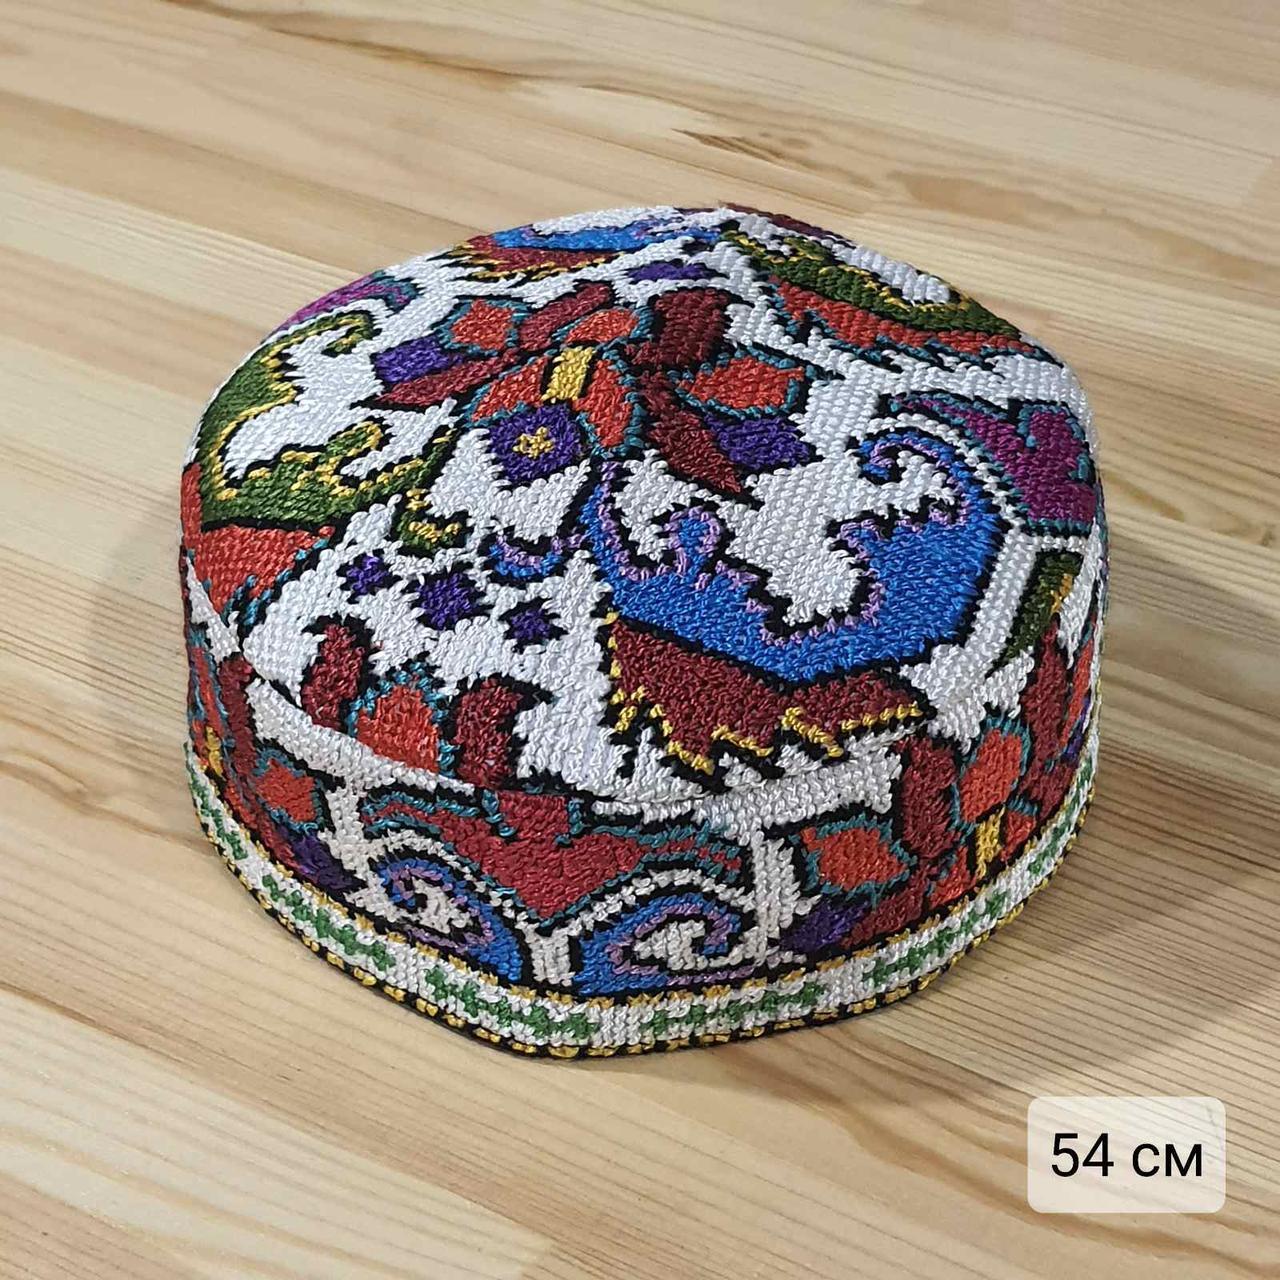 Узбекская тюбетейка 54 см. Ручная вышивка. Узбекистан (54_11)